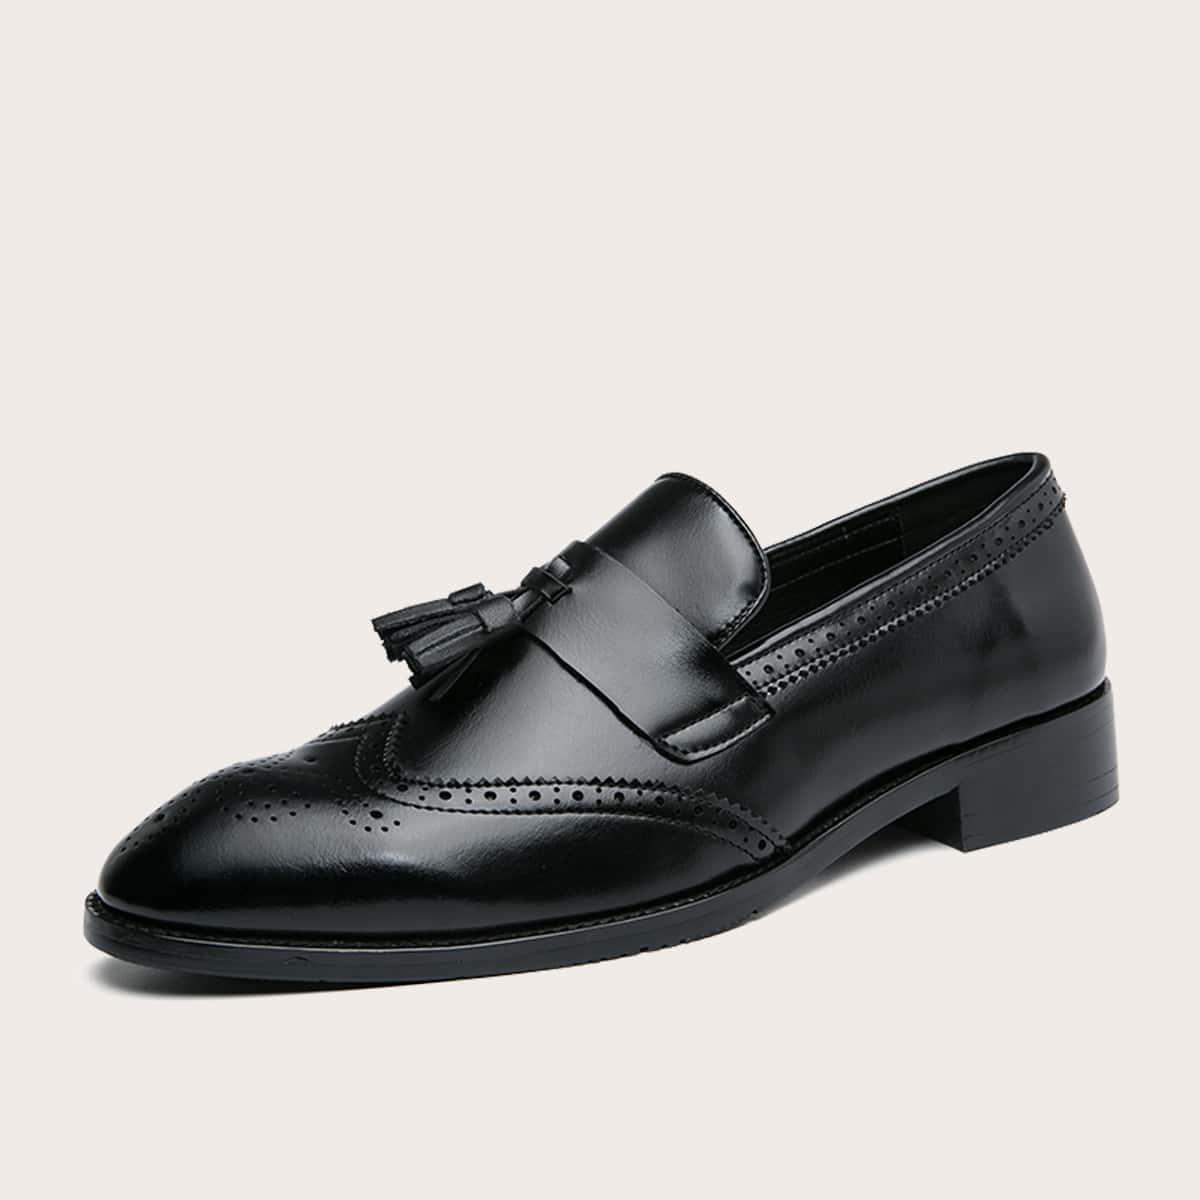 Мужские официальные туфли на шнурках с бахромой